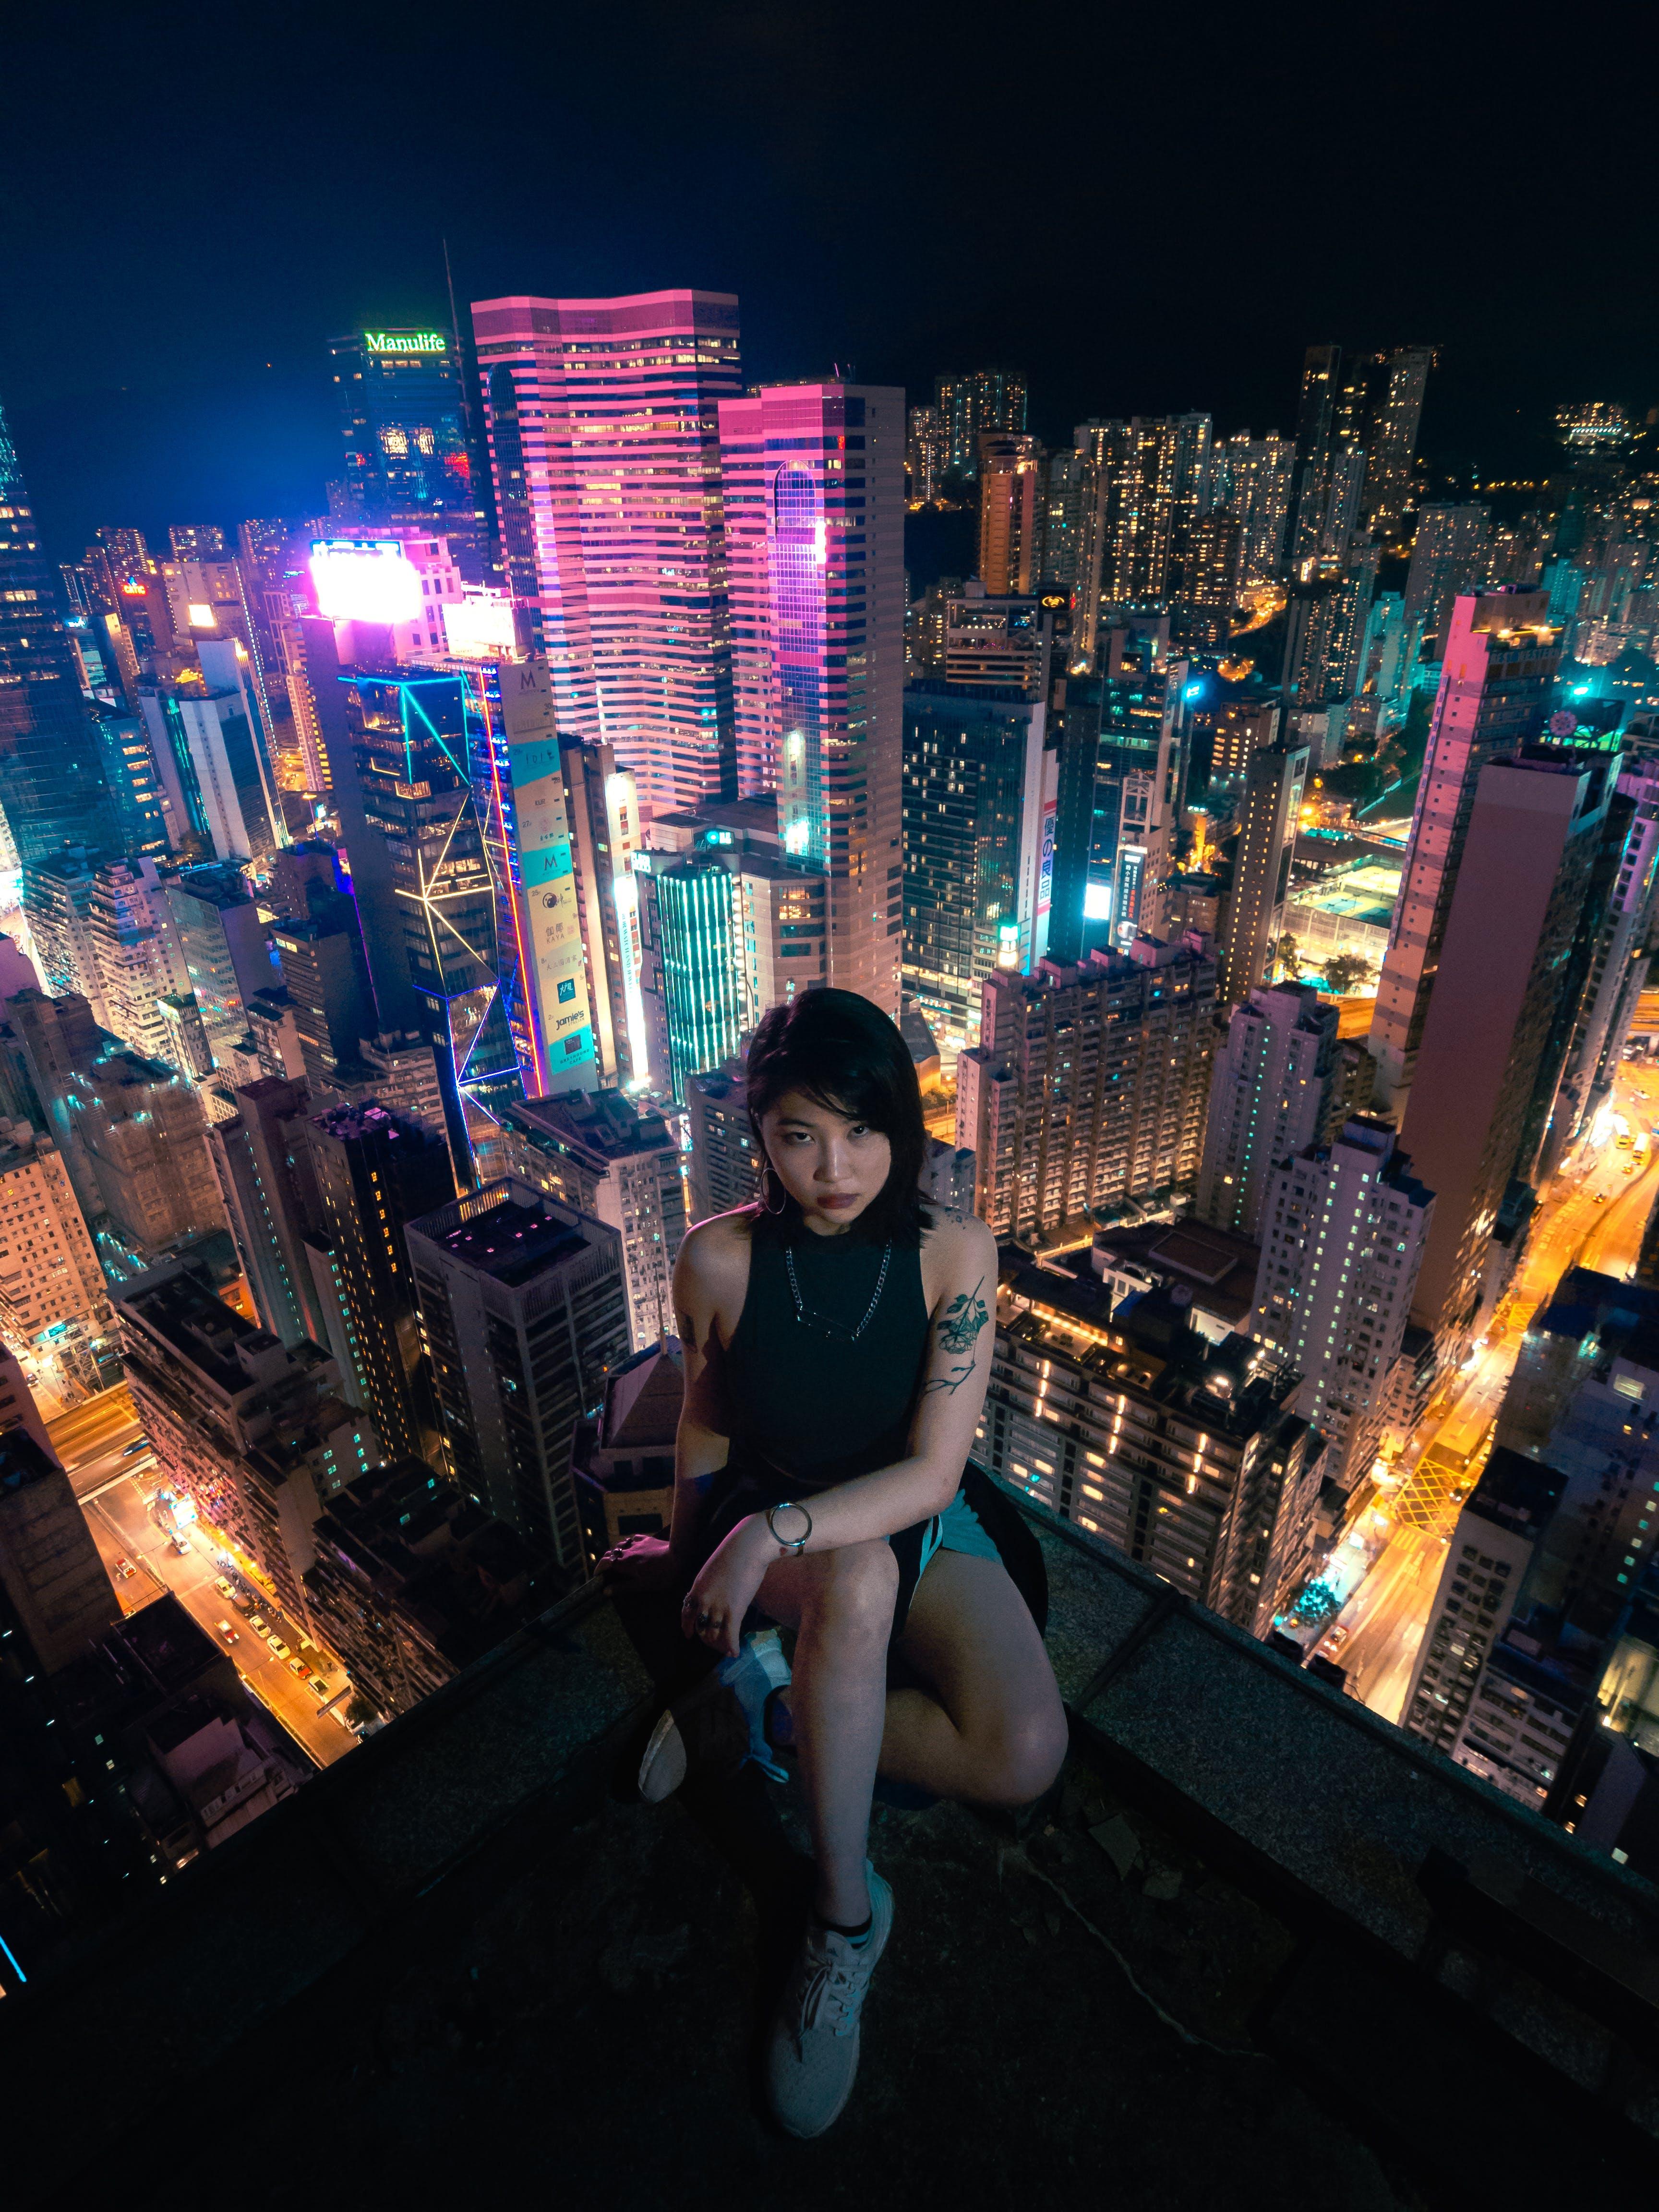 Ingyenes stockfotó ázsiai nő, belváros, divat, divatos témában